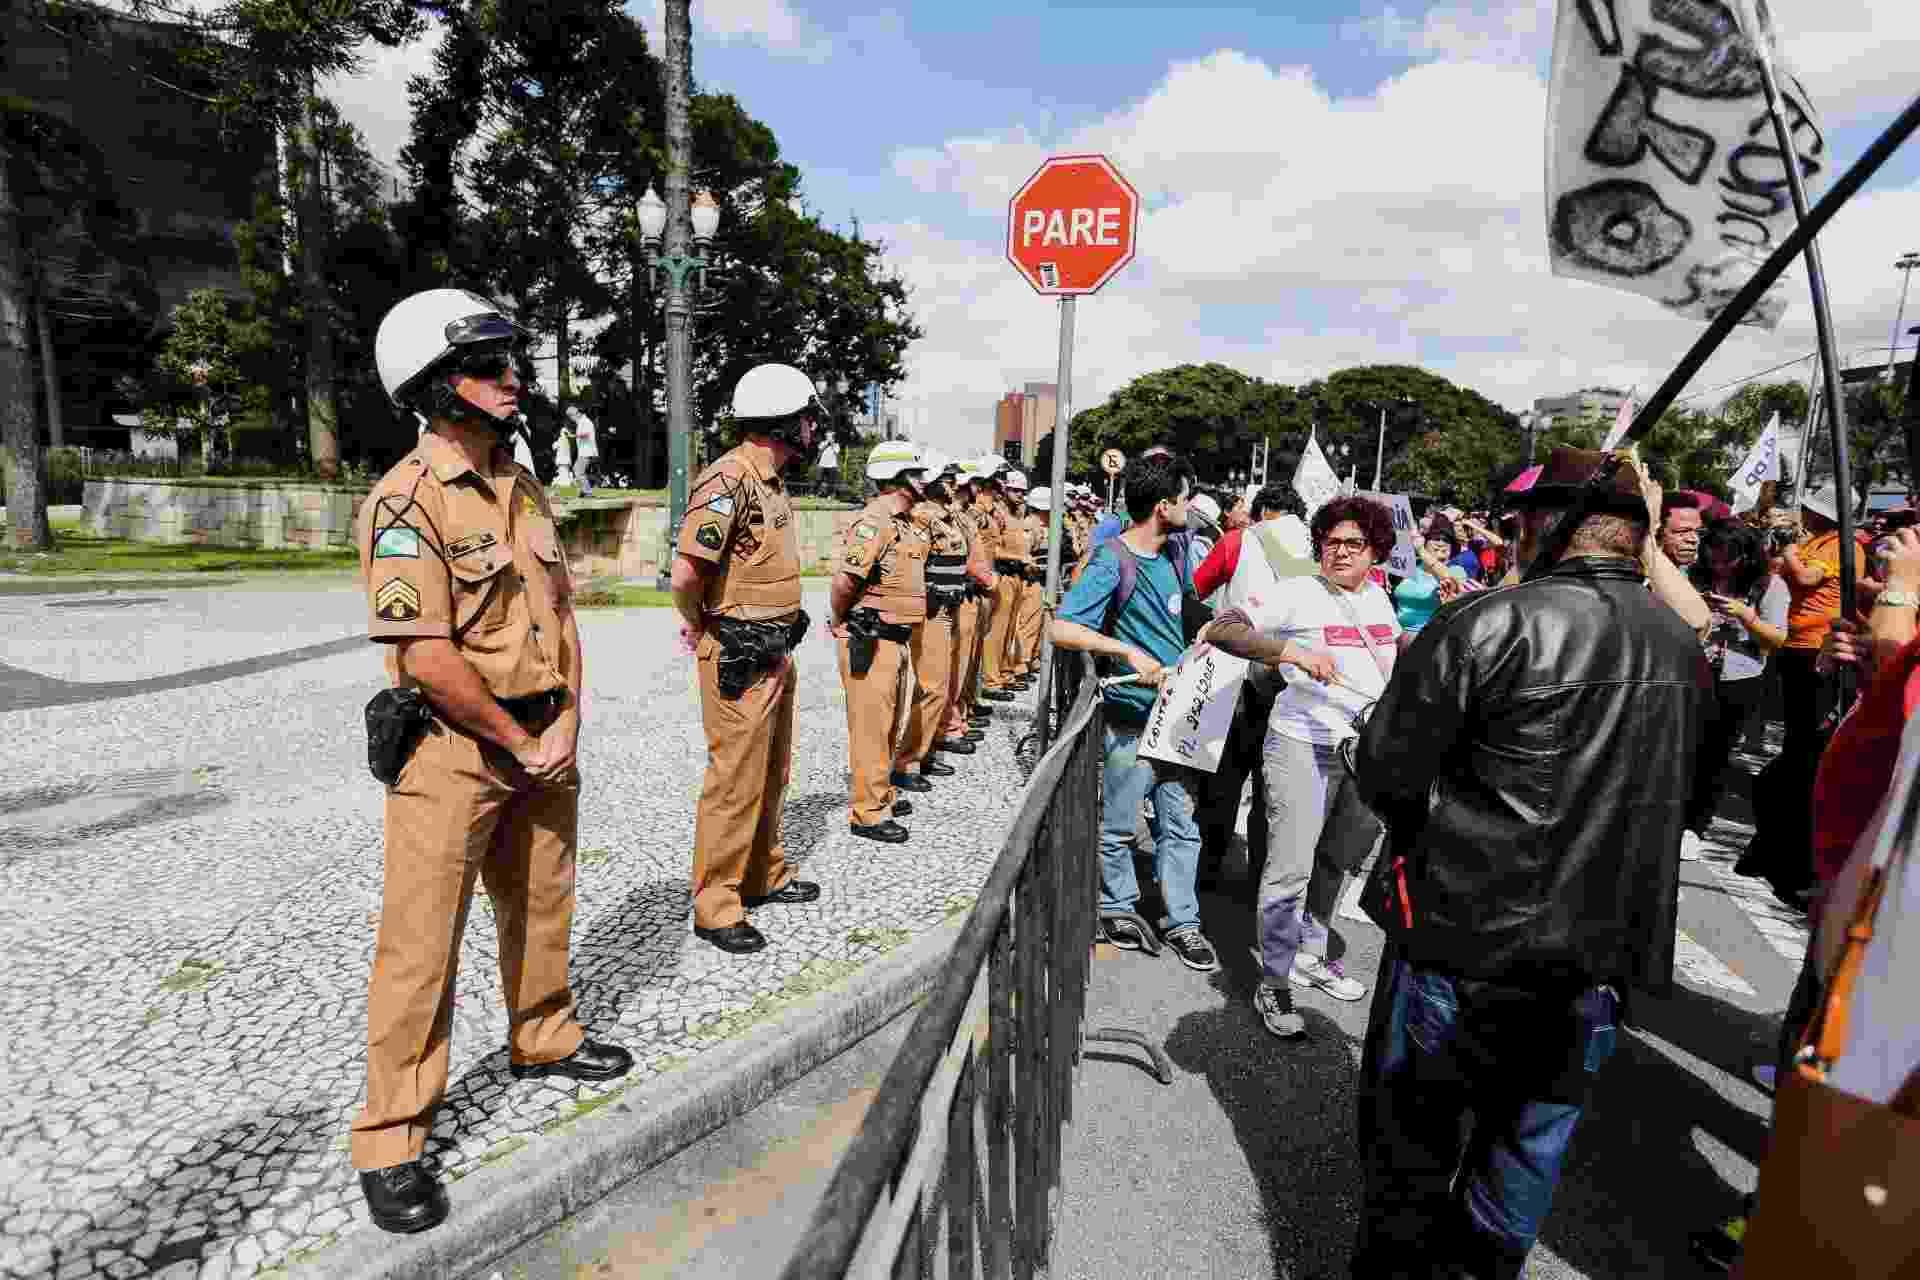 Professores estaduais seguem em greve nesta segunda-feira (27), em Curitiba (PR). Governador Beto Richa pediu que PM cercasse Assembleia - Joka Madruga/Futura Press/Estadão Conteúdo